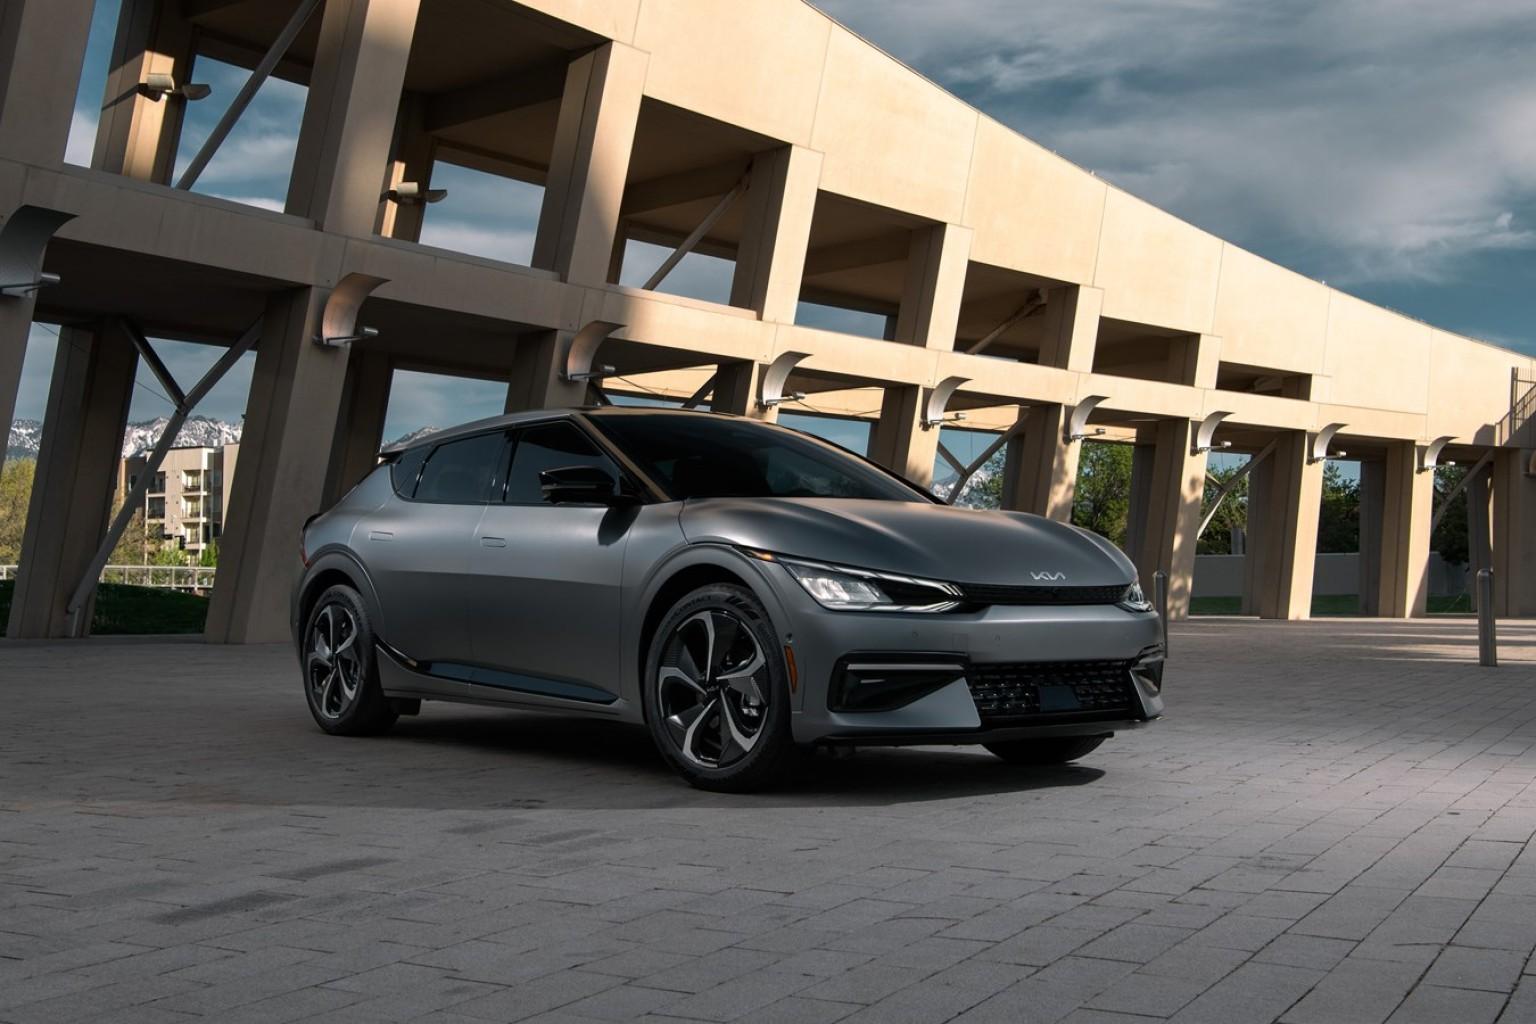 El nuevo Kia EV6 marca el comienzo de una nueva era en la conducción eléctrica